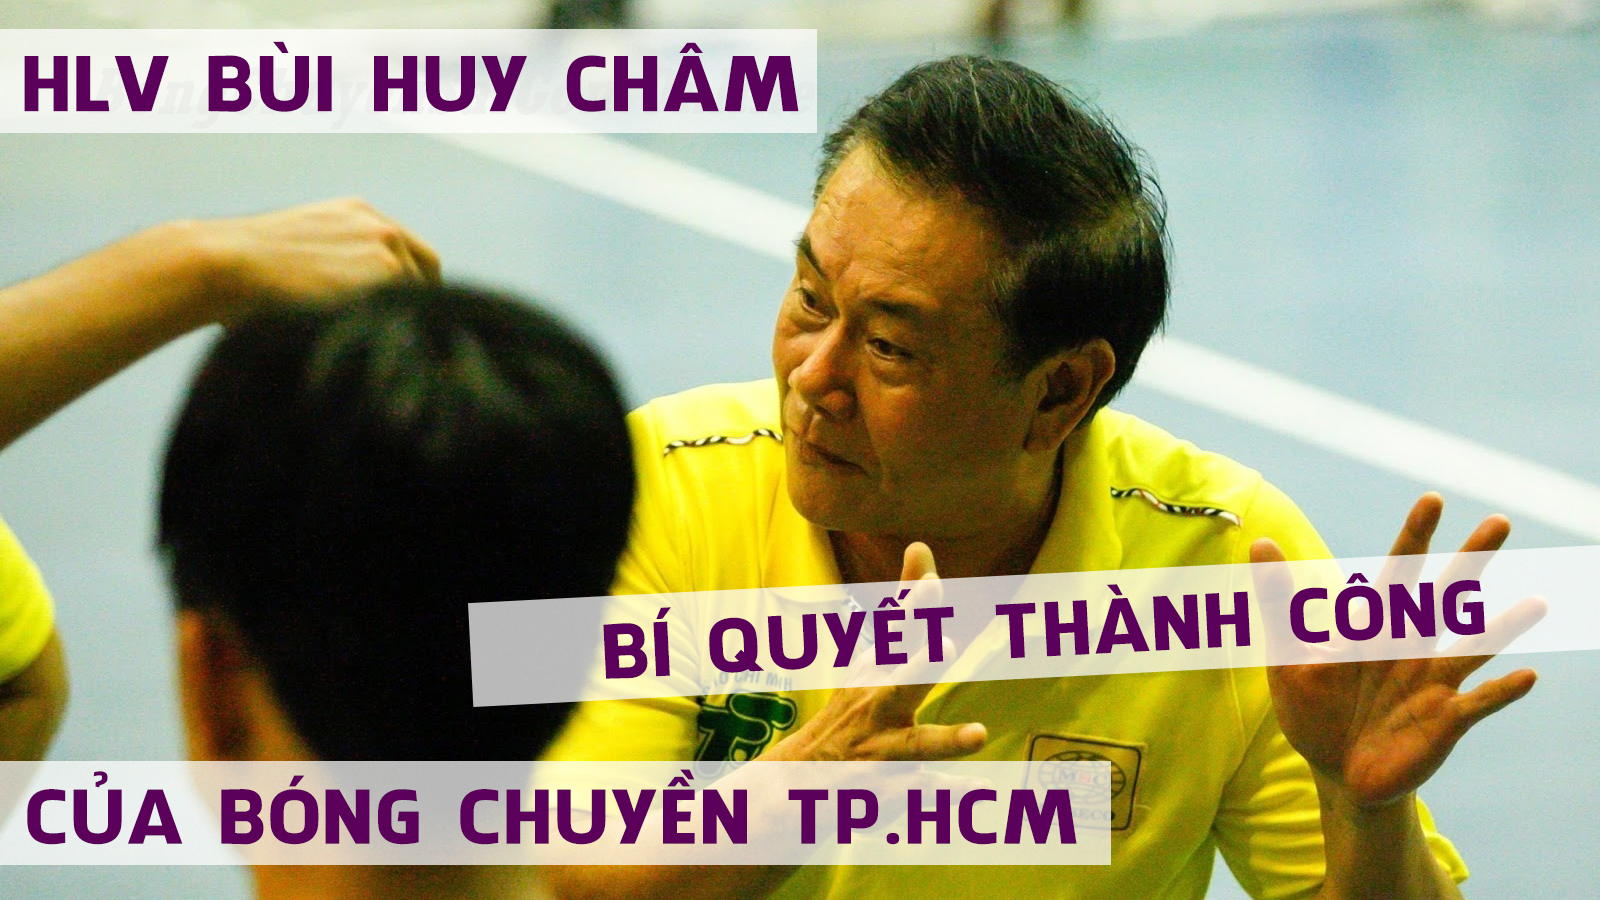 HLV Bùi Huy Châm - Bí quyết thành công của bóng chuyền TP.HCM